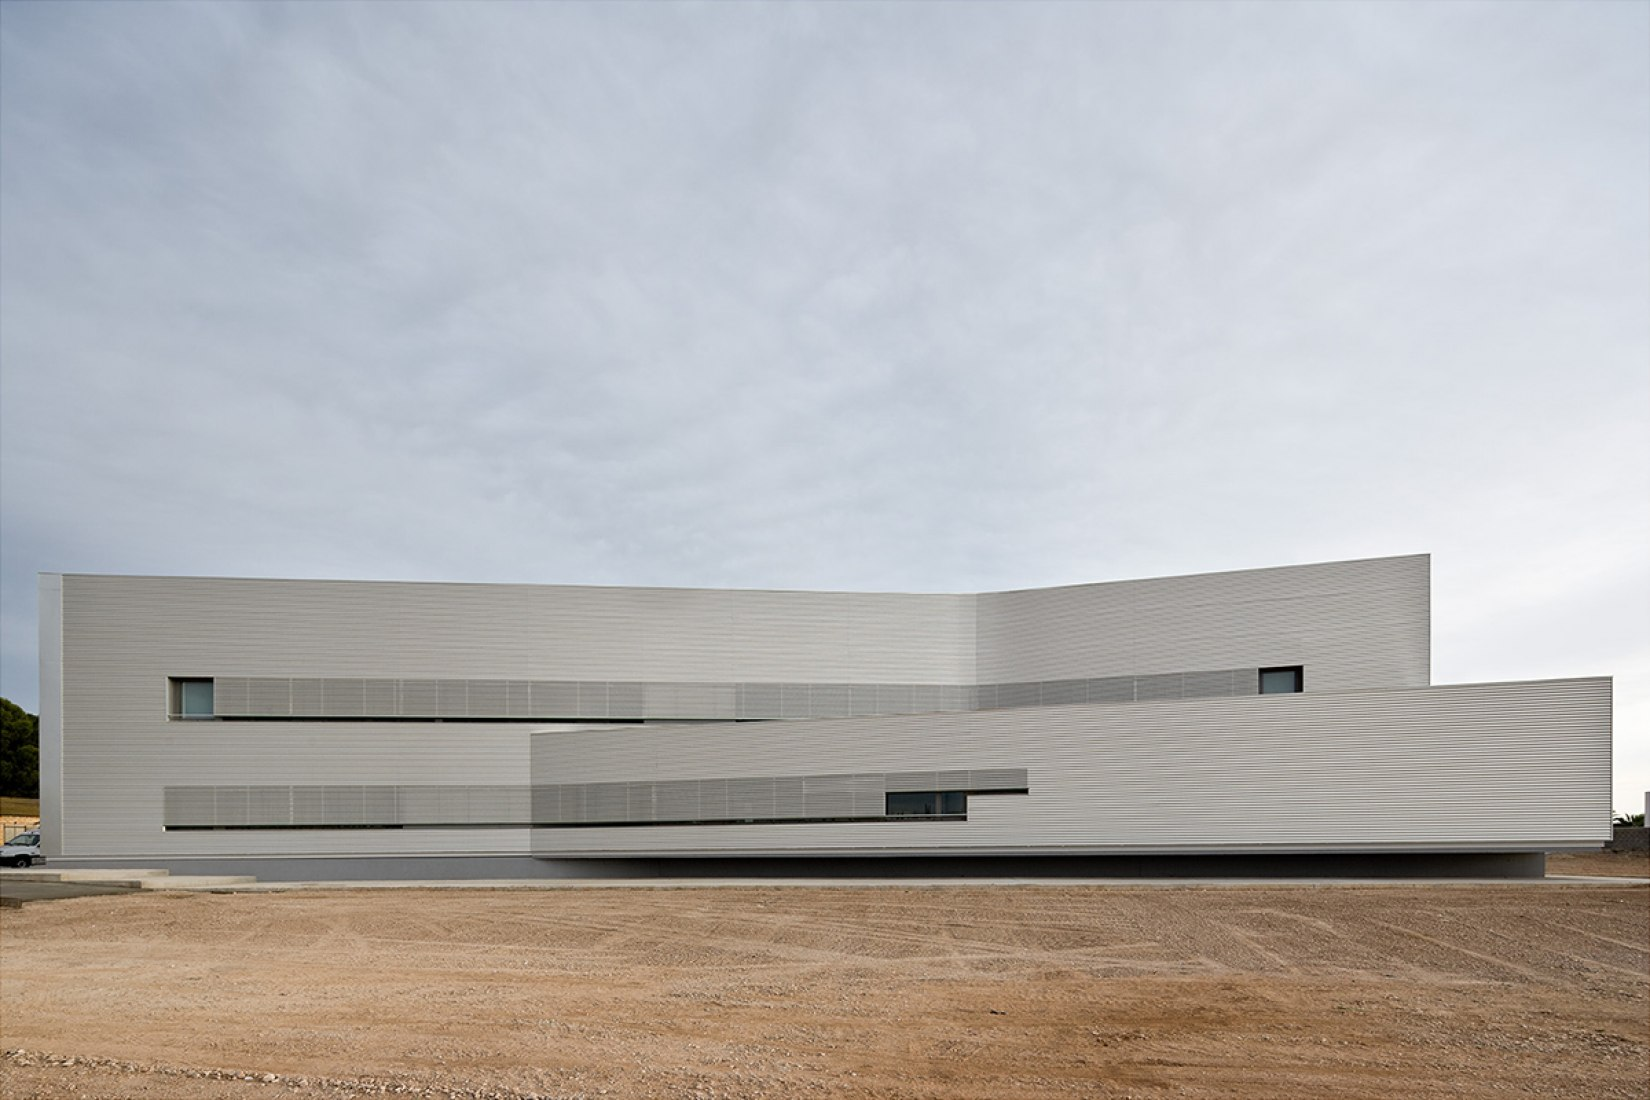 Centro de Atención Primaria por Josep Camps y Olga Felip. Fotografía © Pedro Pegenaute.